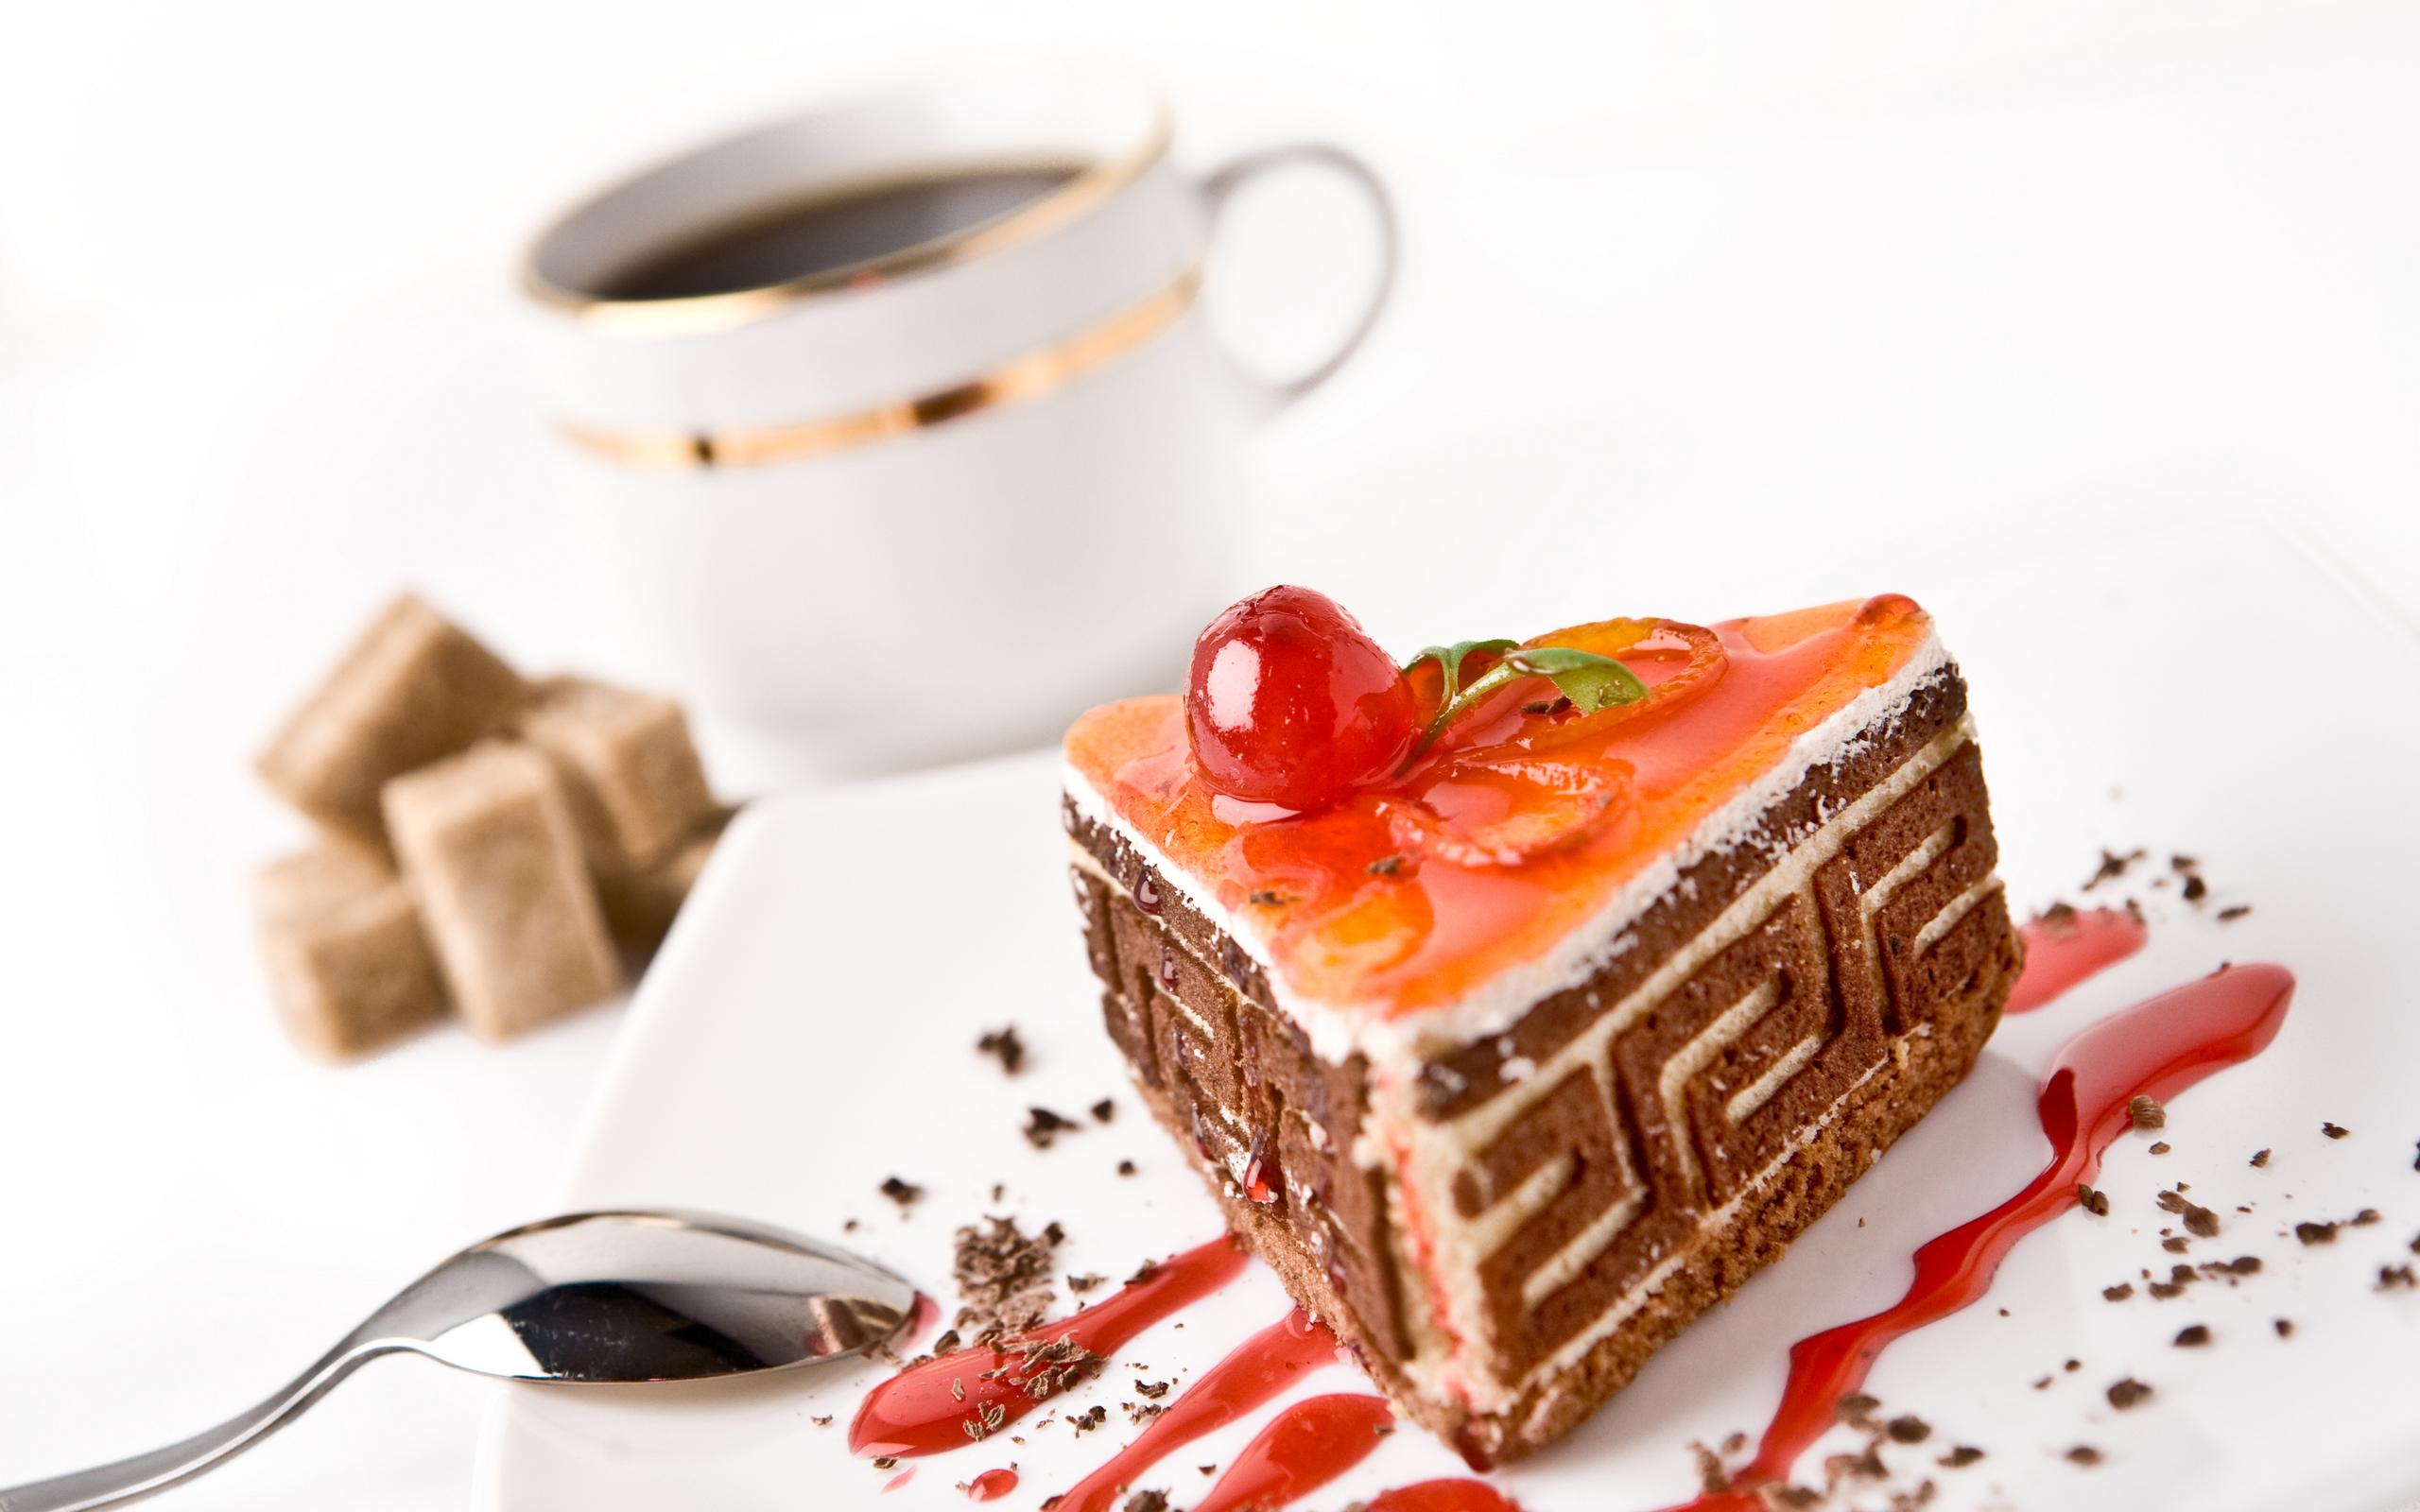 кофе рисунок ель еда  № 3256923 загрузить